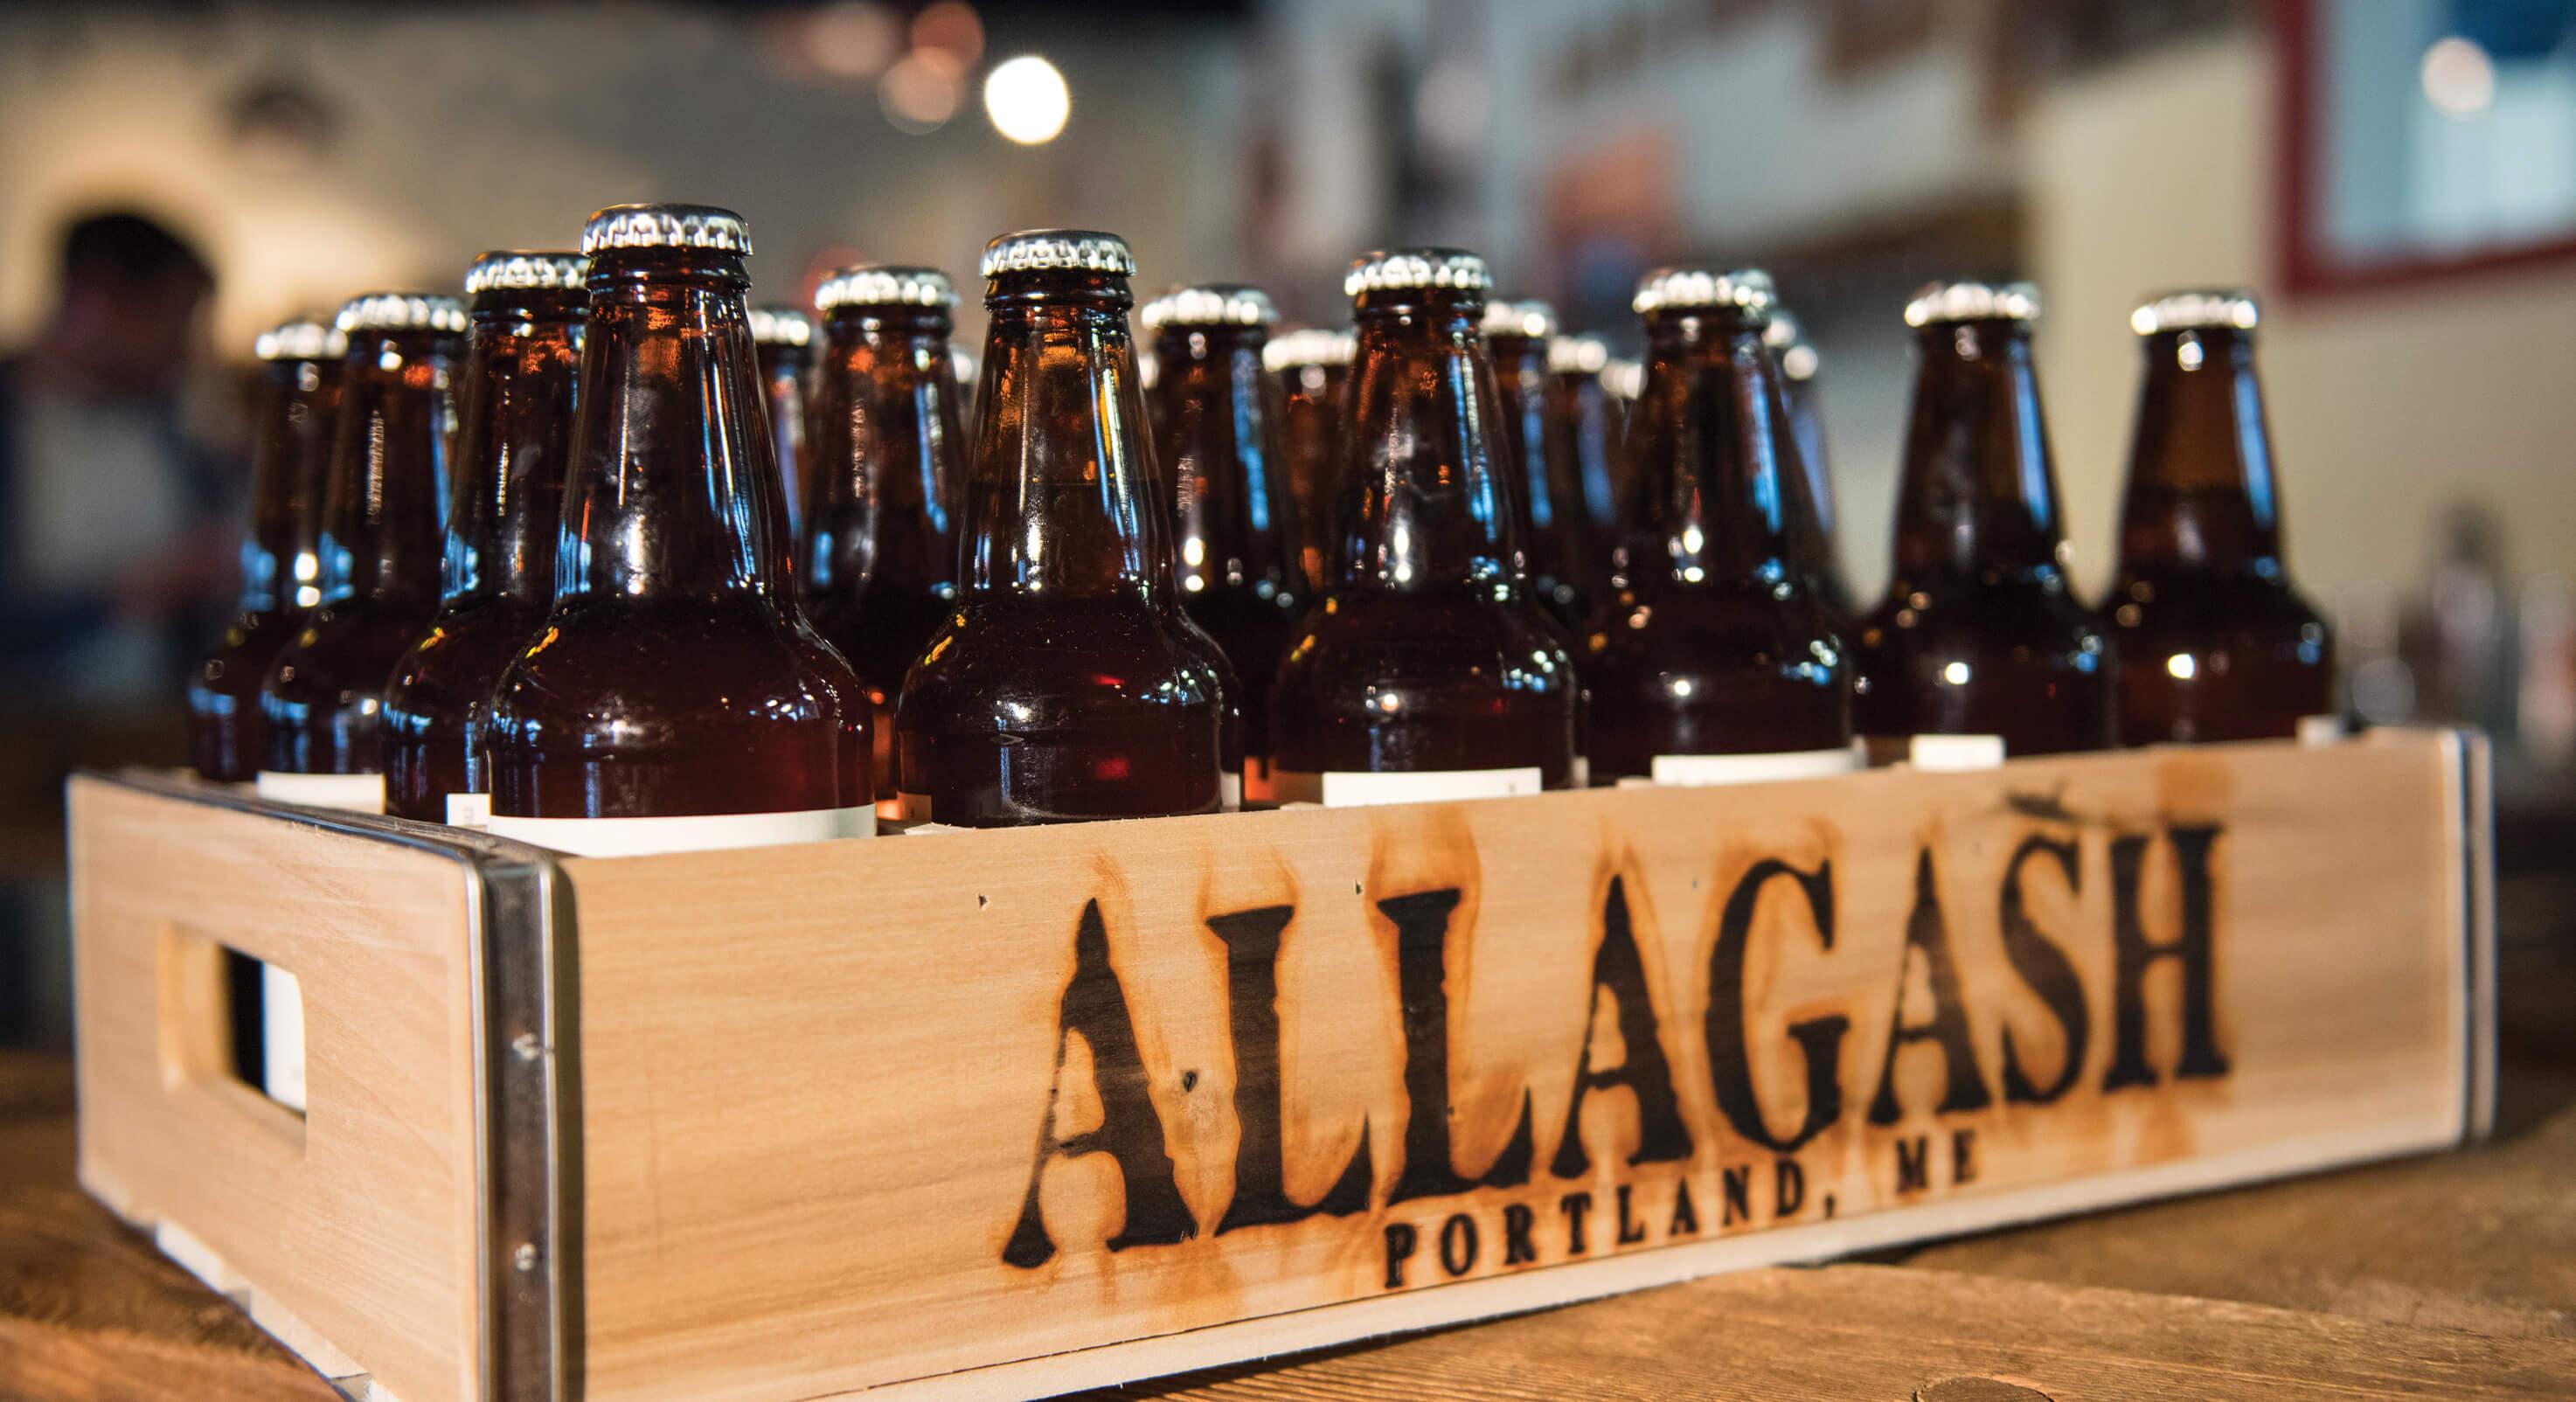 Allagash-beer-bottles-1-1